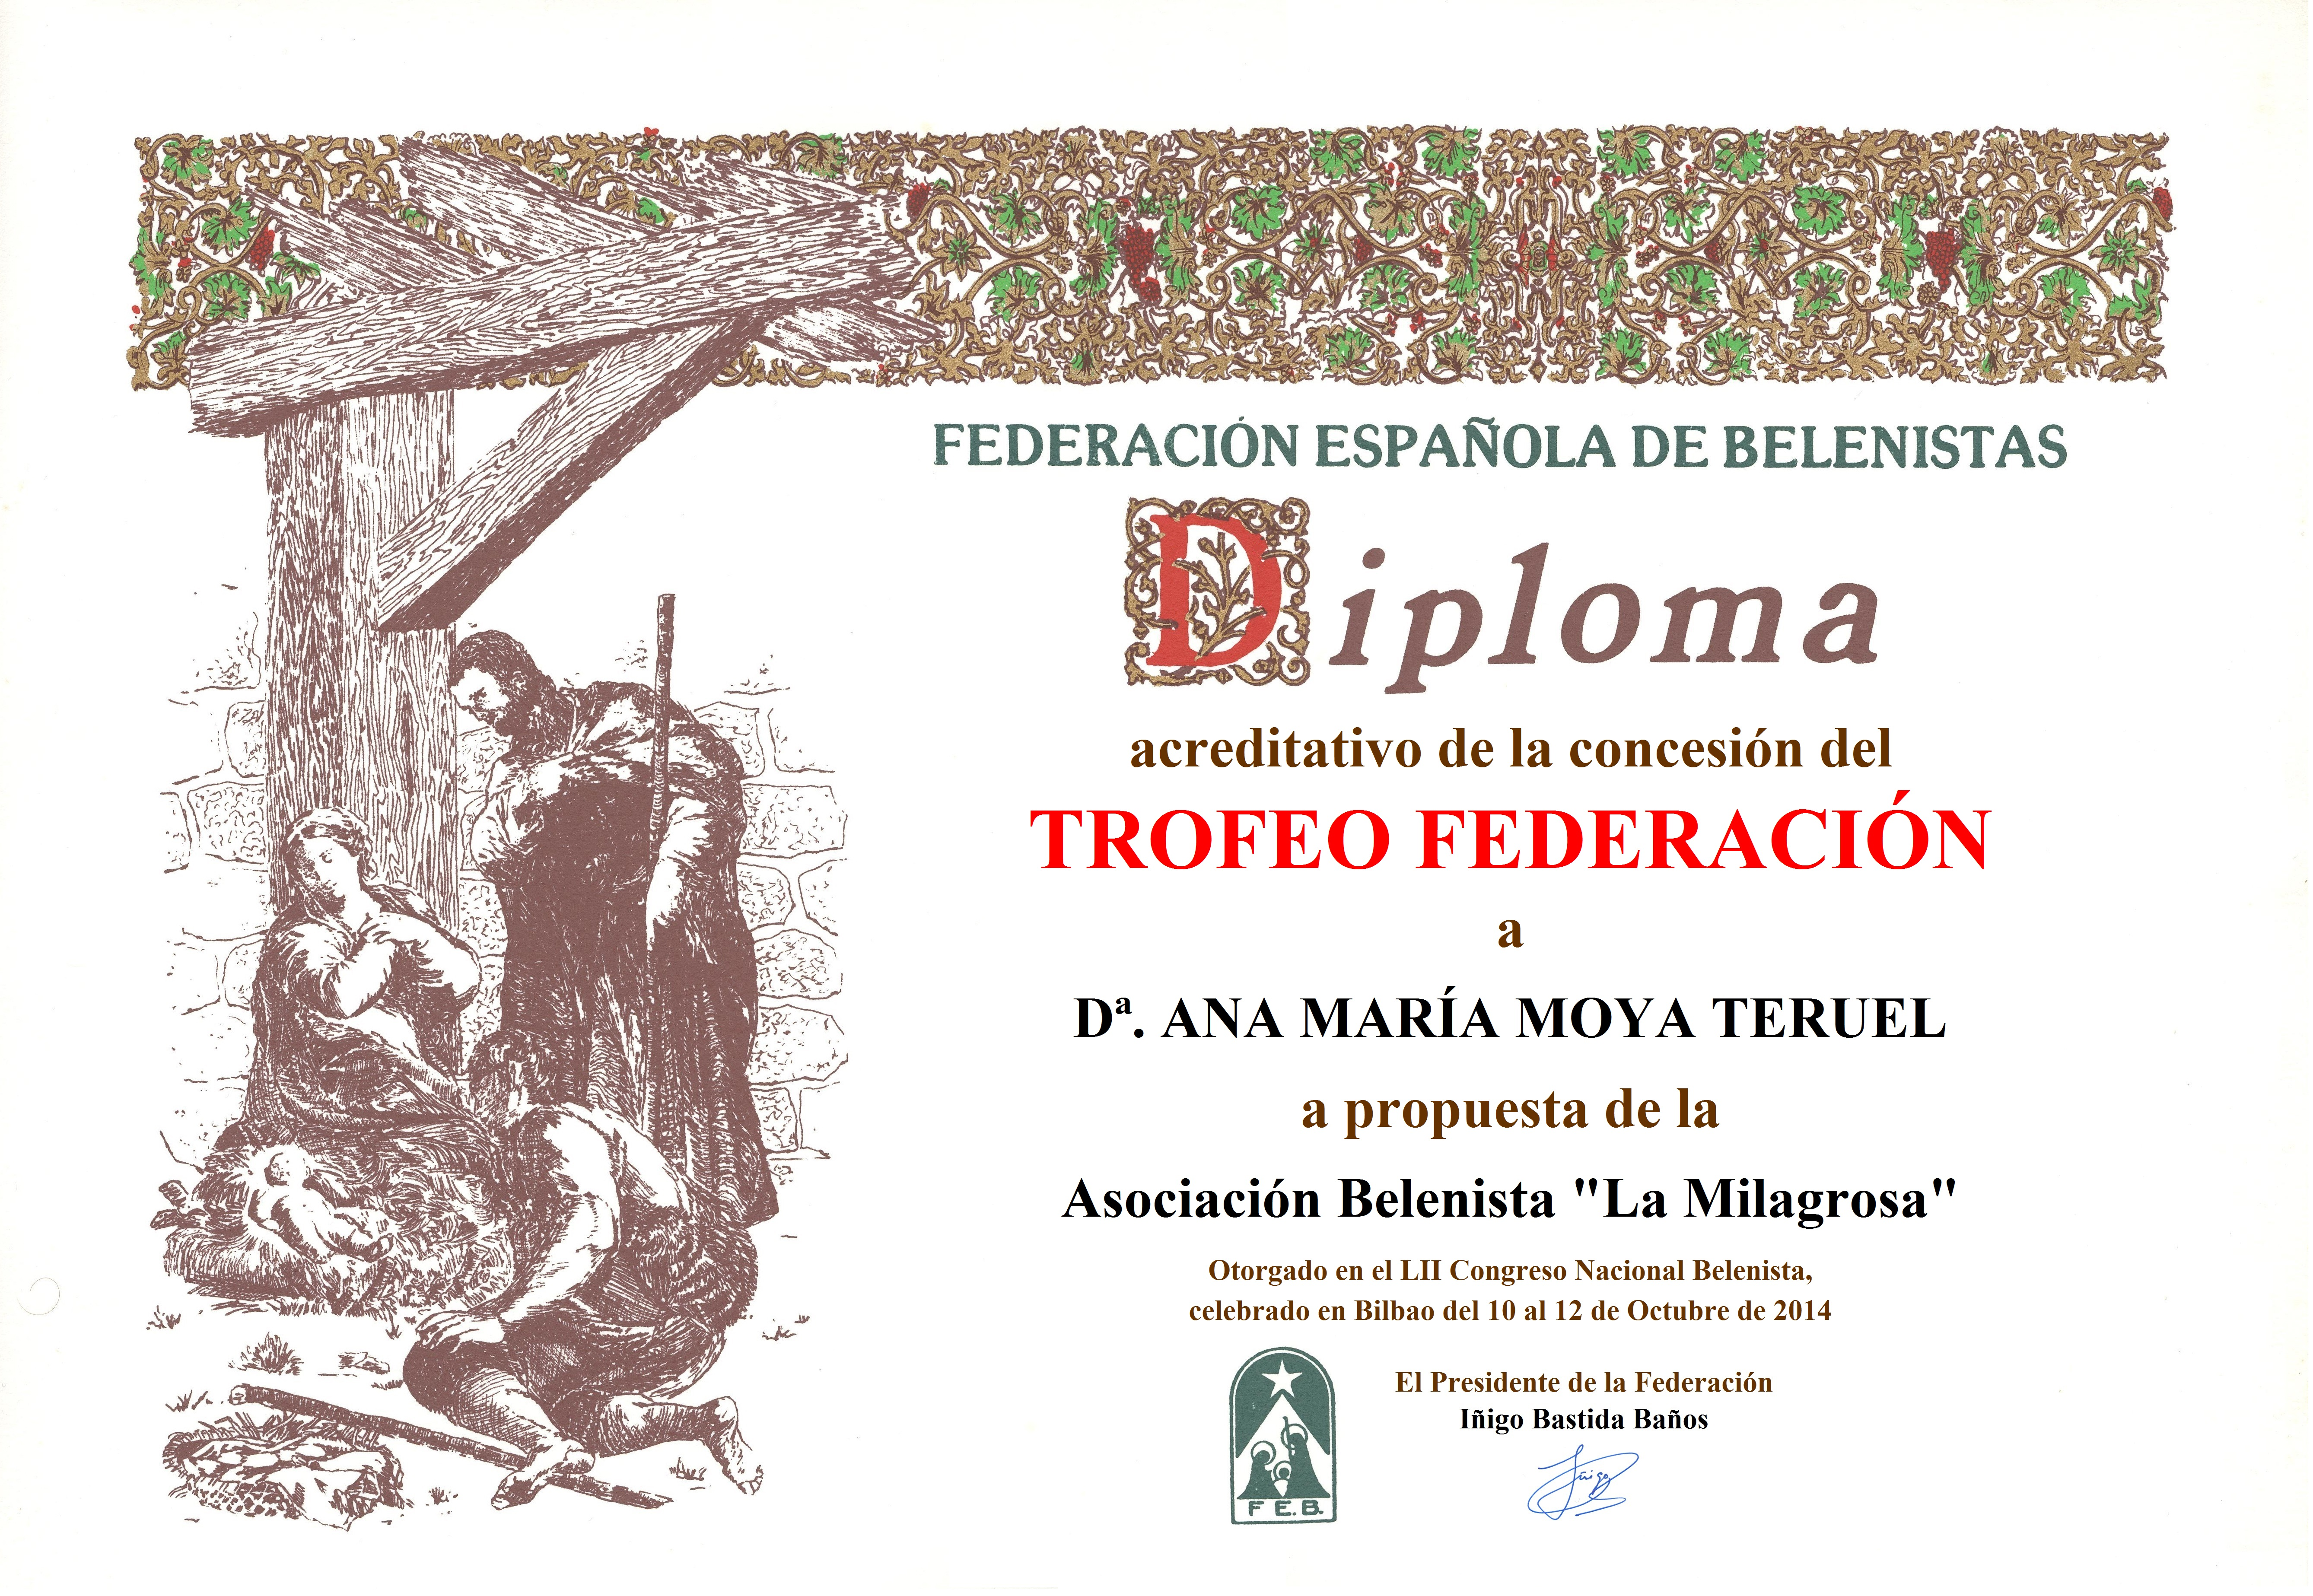 Diploma Trofeo FEB 2014 Ana María Moya Teruel